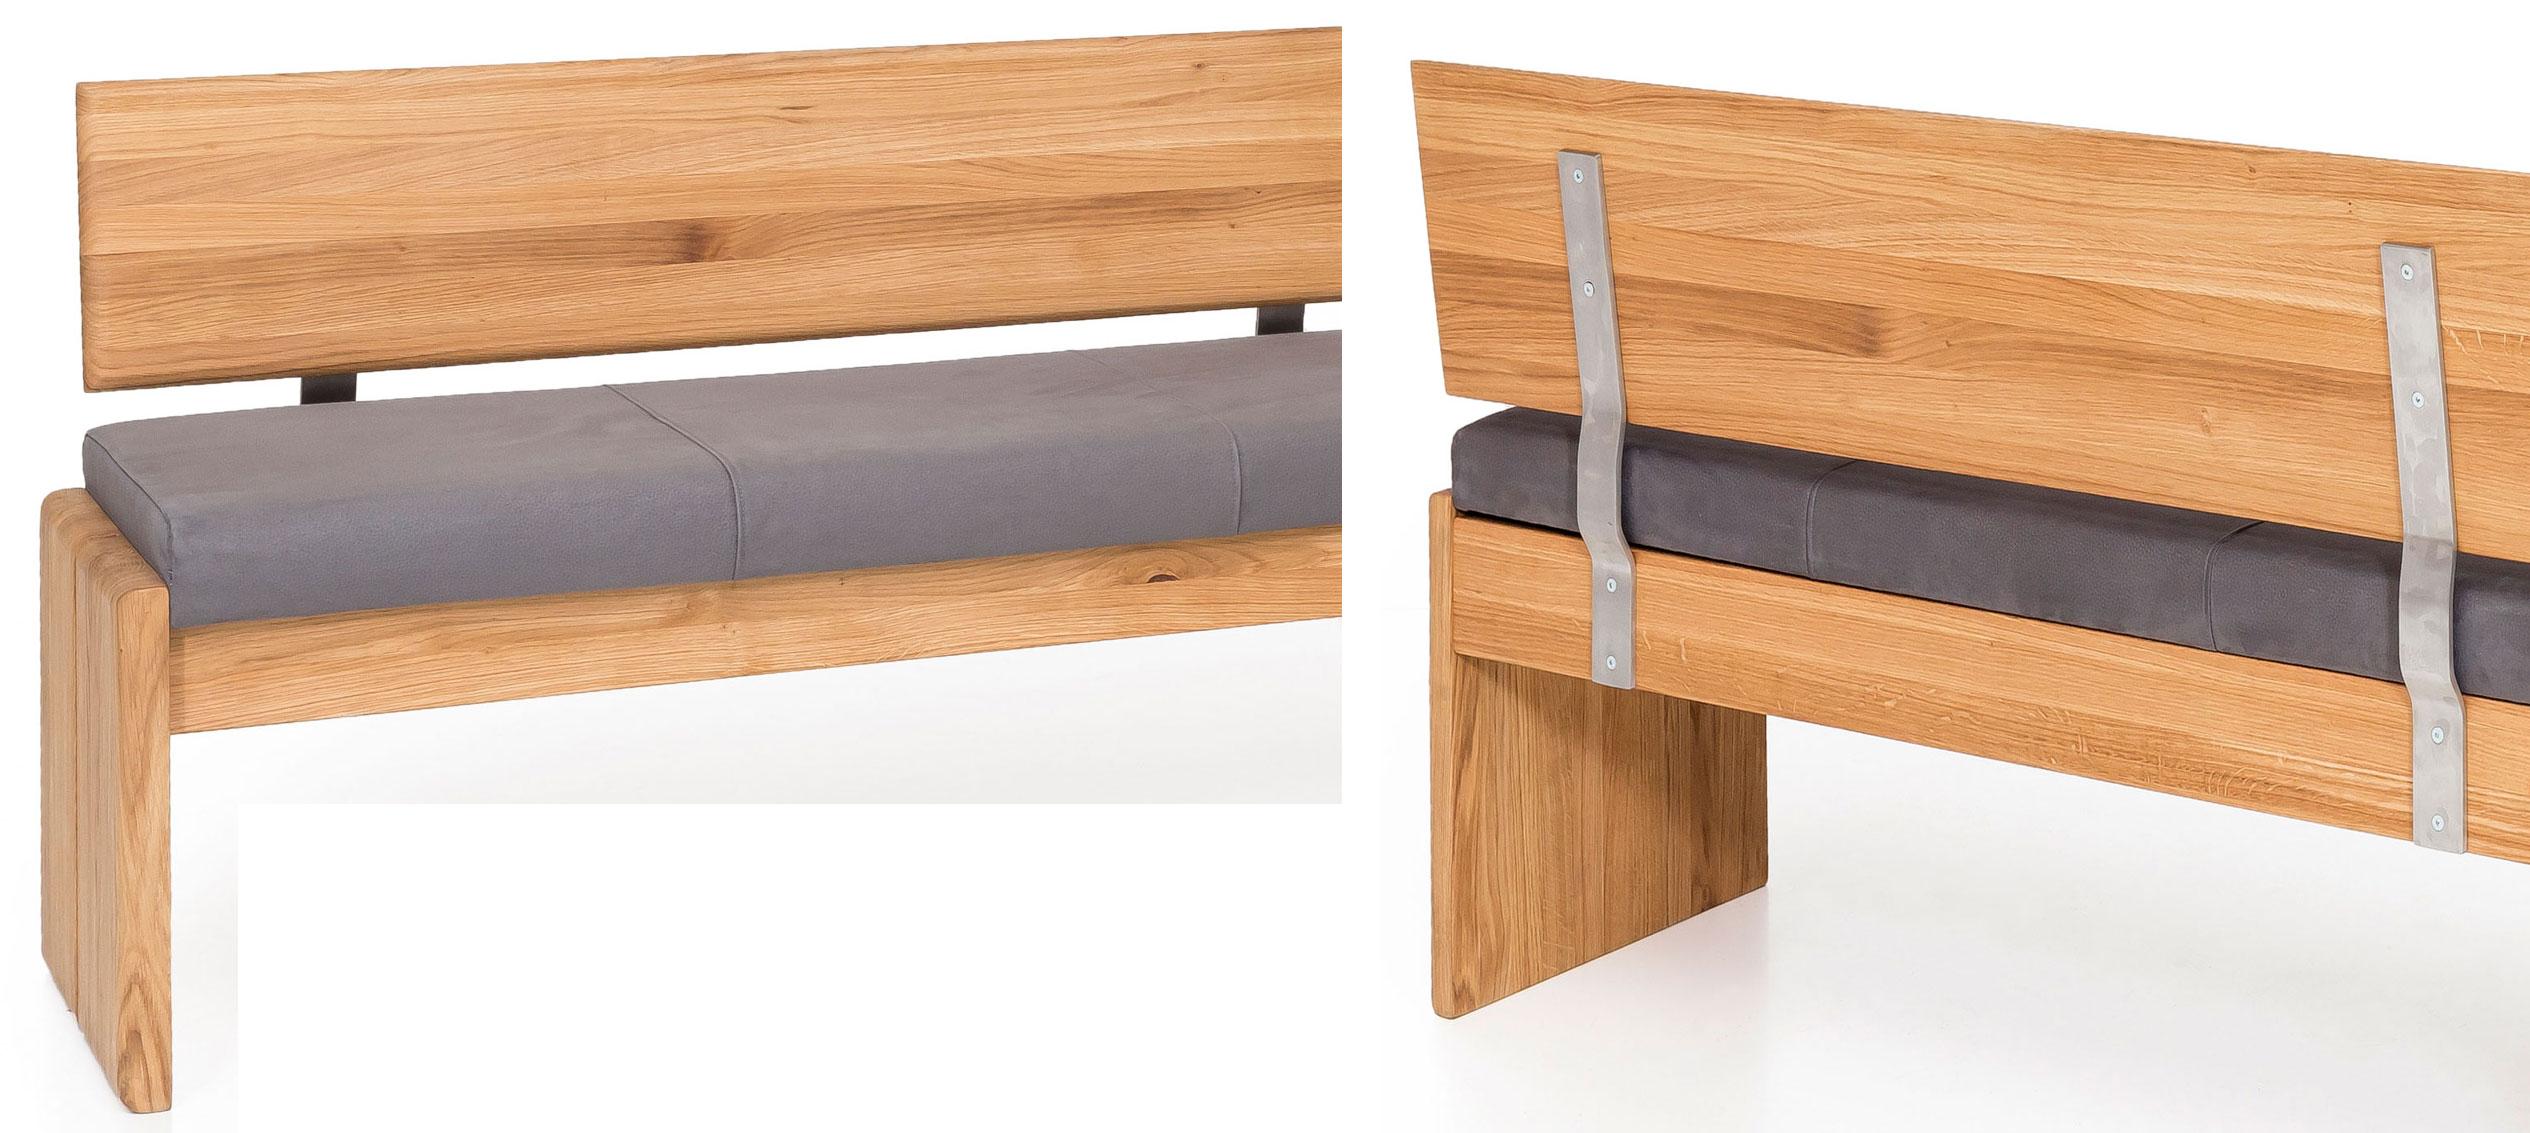 Standard Furniture Stockholm Truhenbank massiv eiche mit Lehne